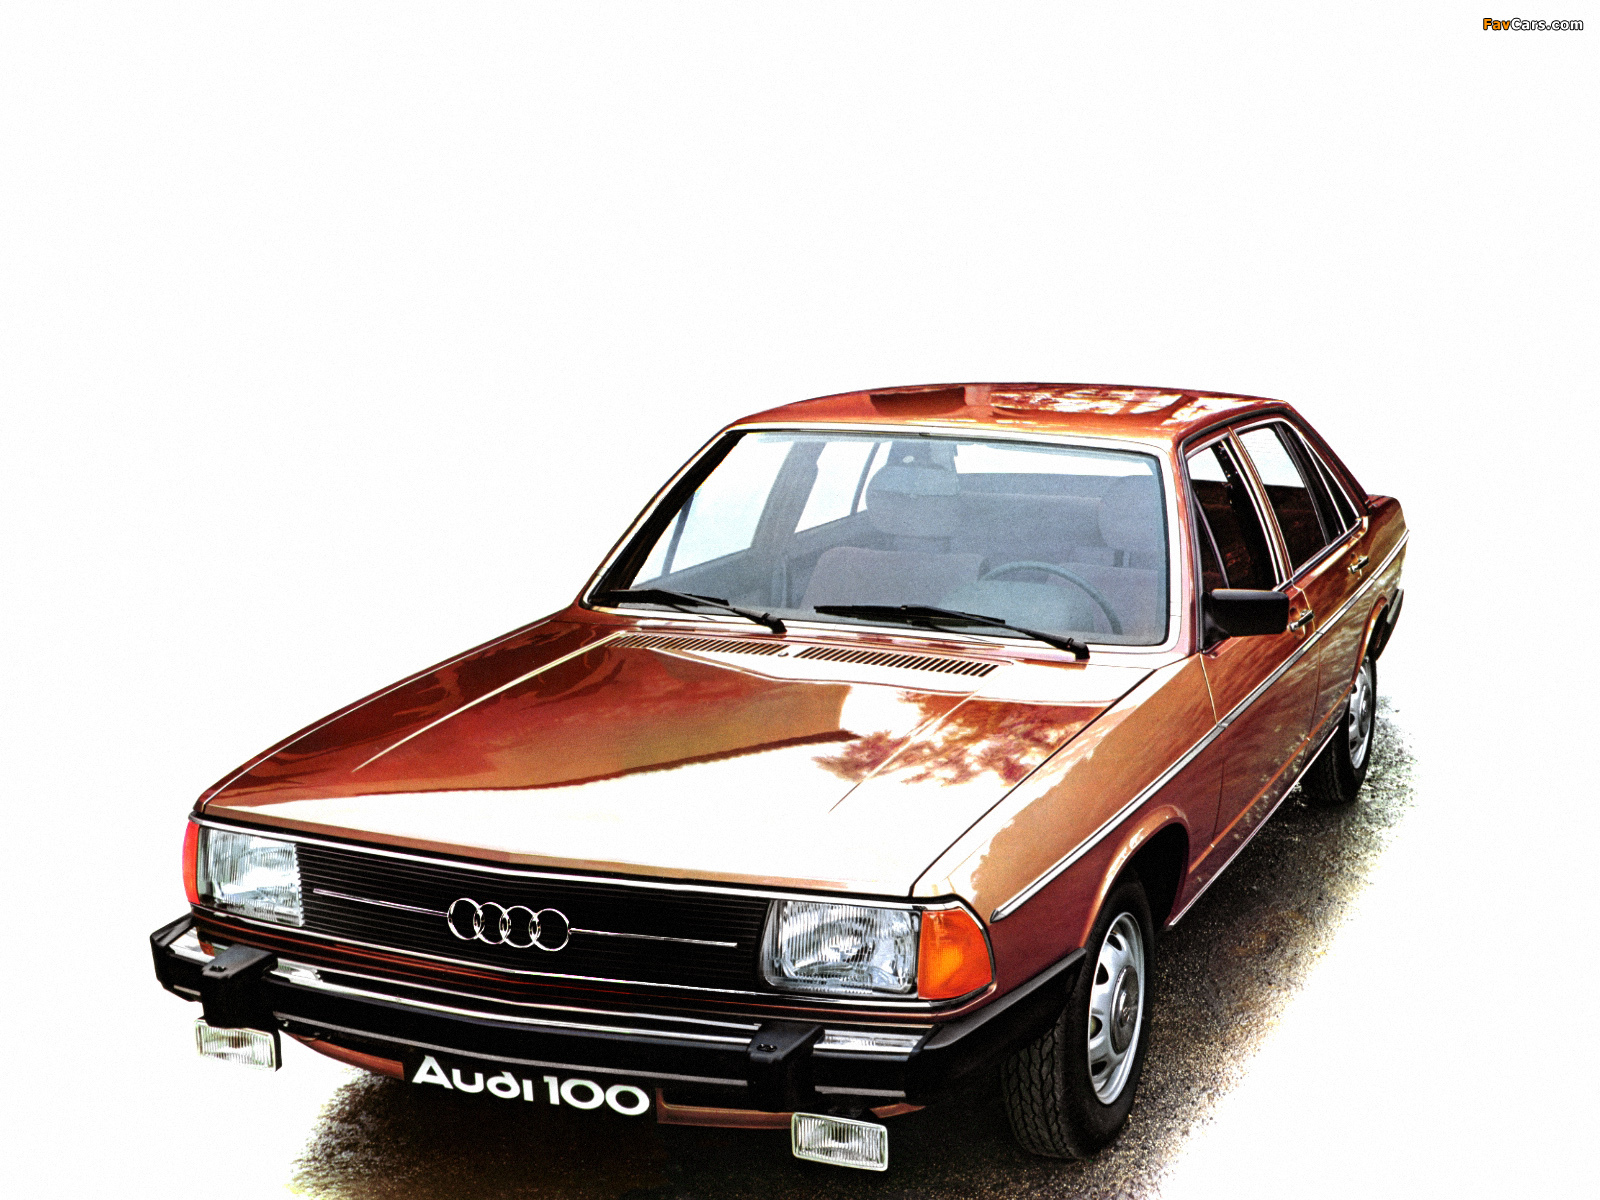 Audi 100 C2 1976 1980 Pictures 1600x1200